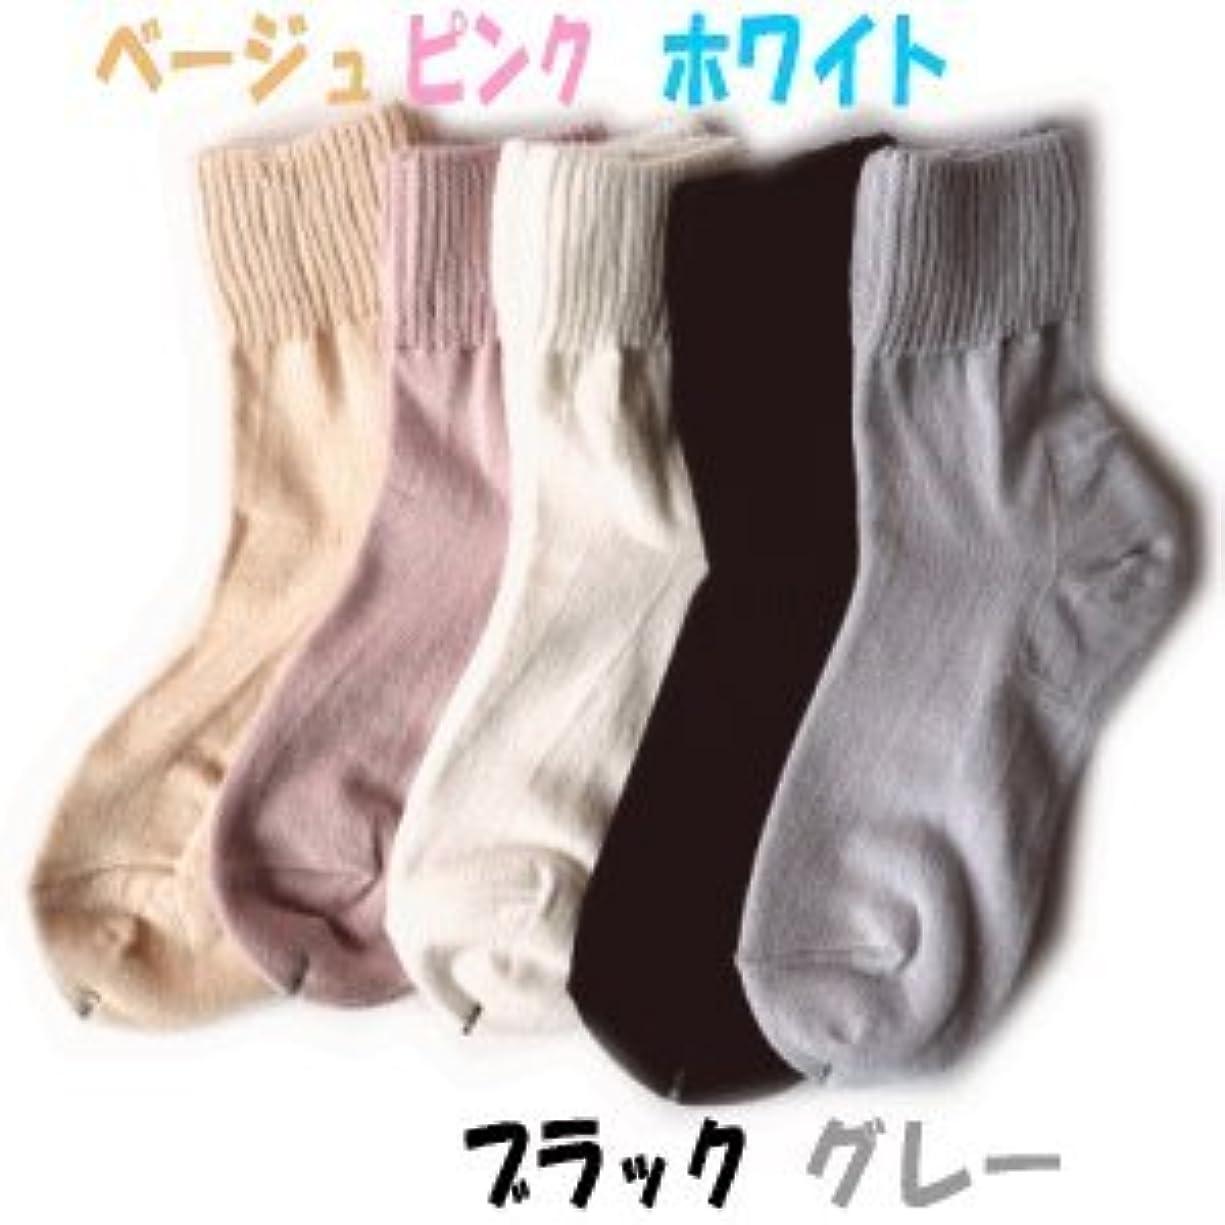 工夫する安定お互い薄手 ゆったり かかと ツルツル 靴下 ピンク 角質ケア ひび割れ対策 22-24cm 太陽ニット 574